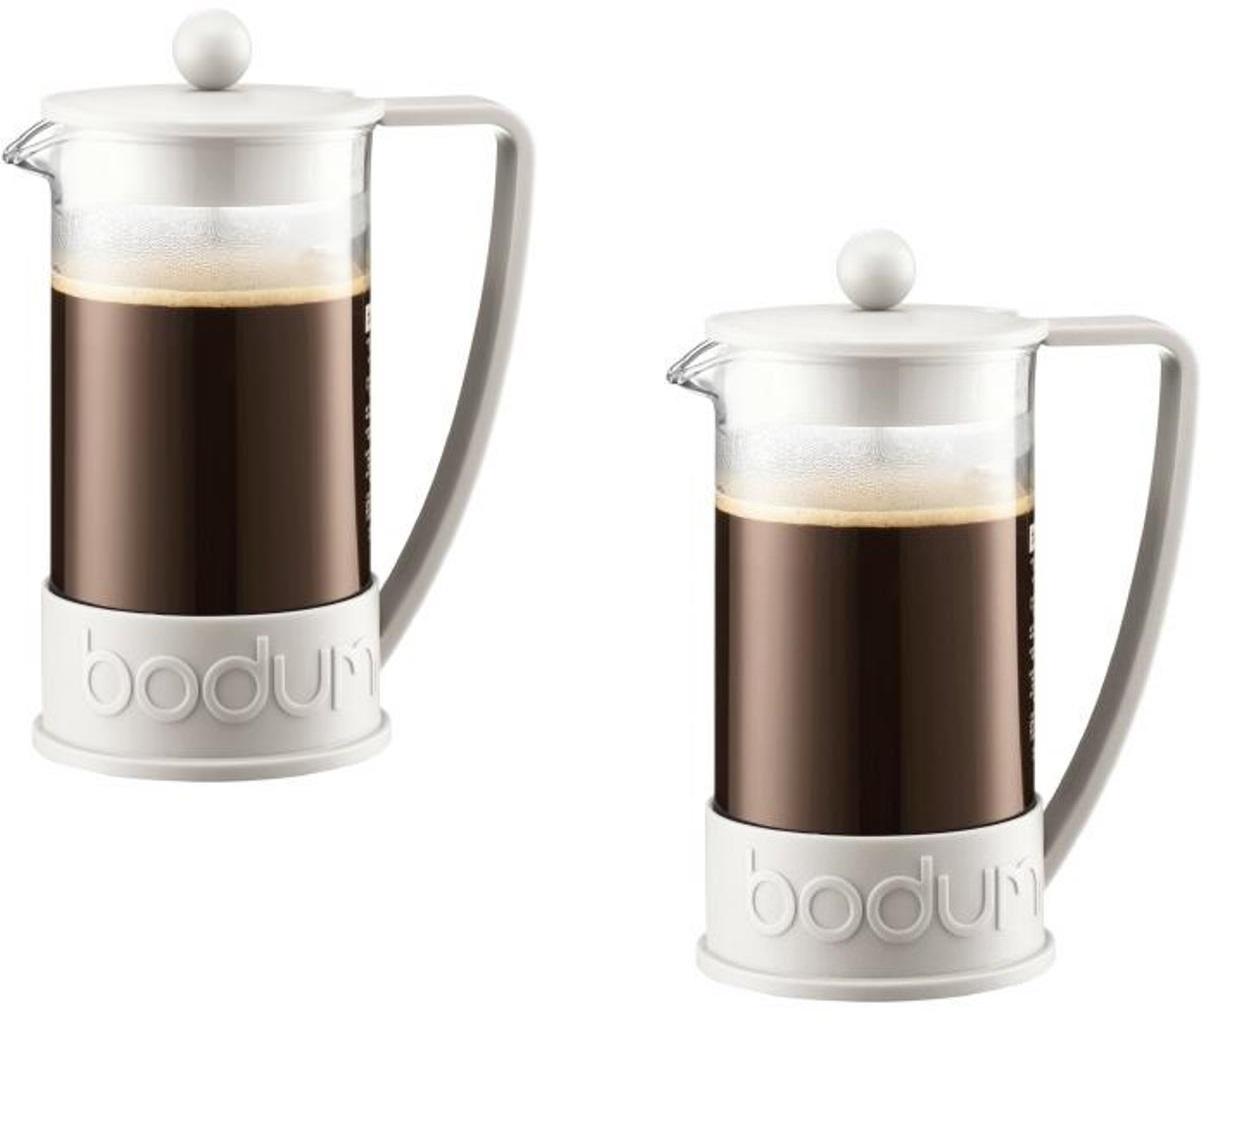 Кофейник френч-пресс Bodum Brazil, 0,35 л, белый Bodum 10948-913 фото 2